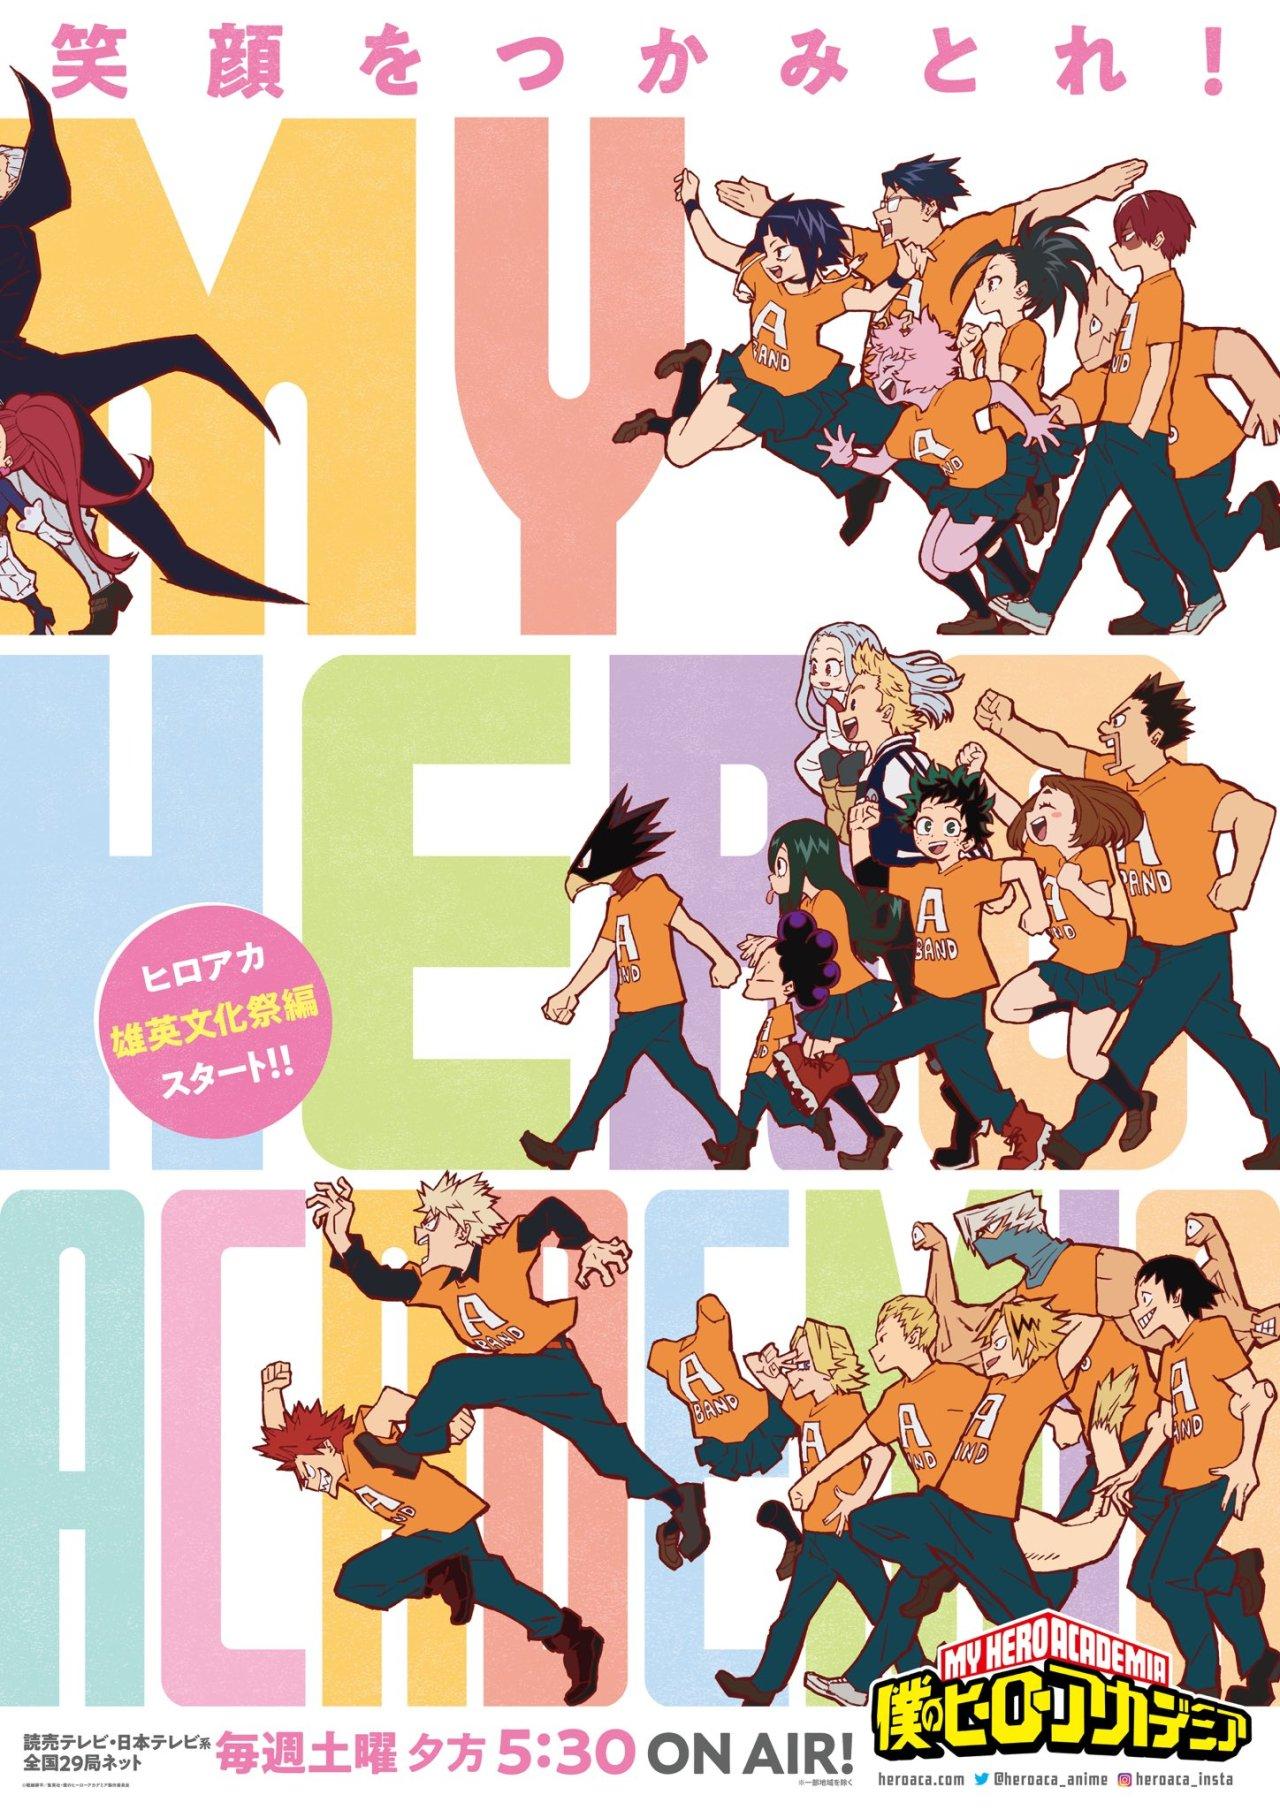 My Hero Academia S4 Affiche 3